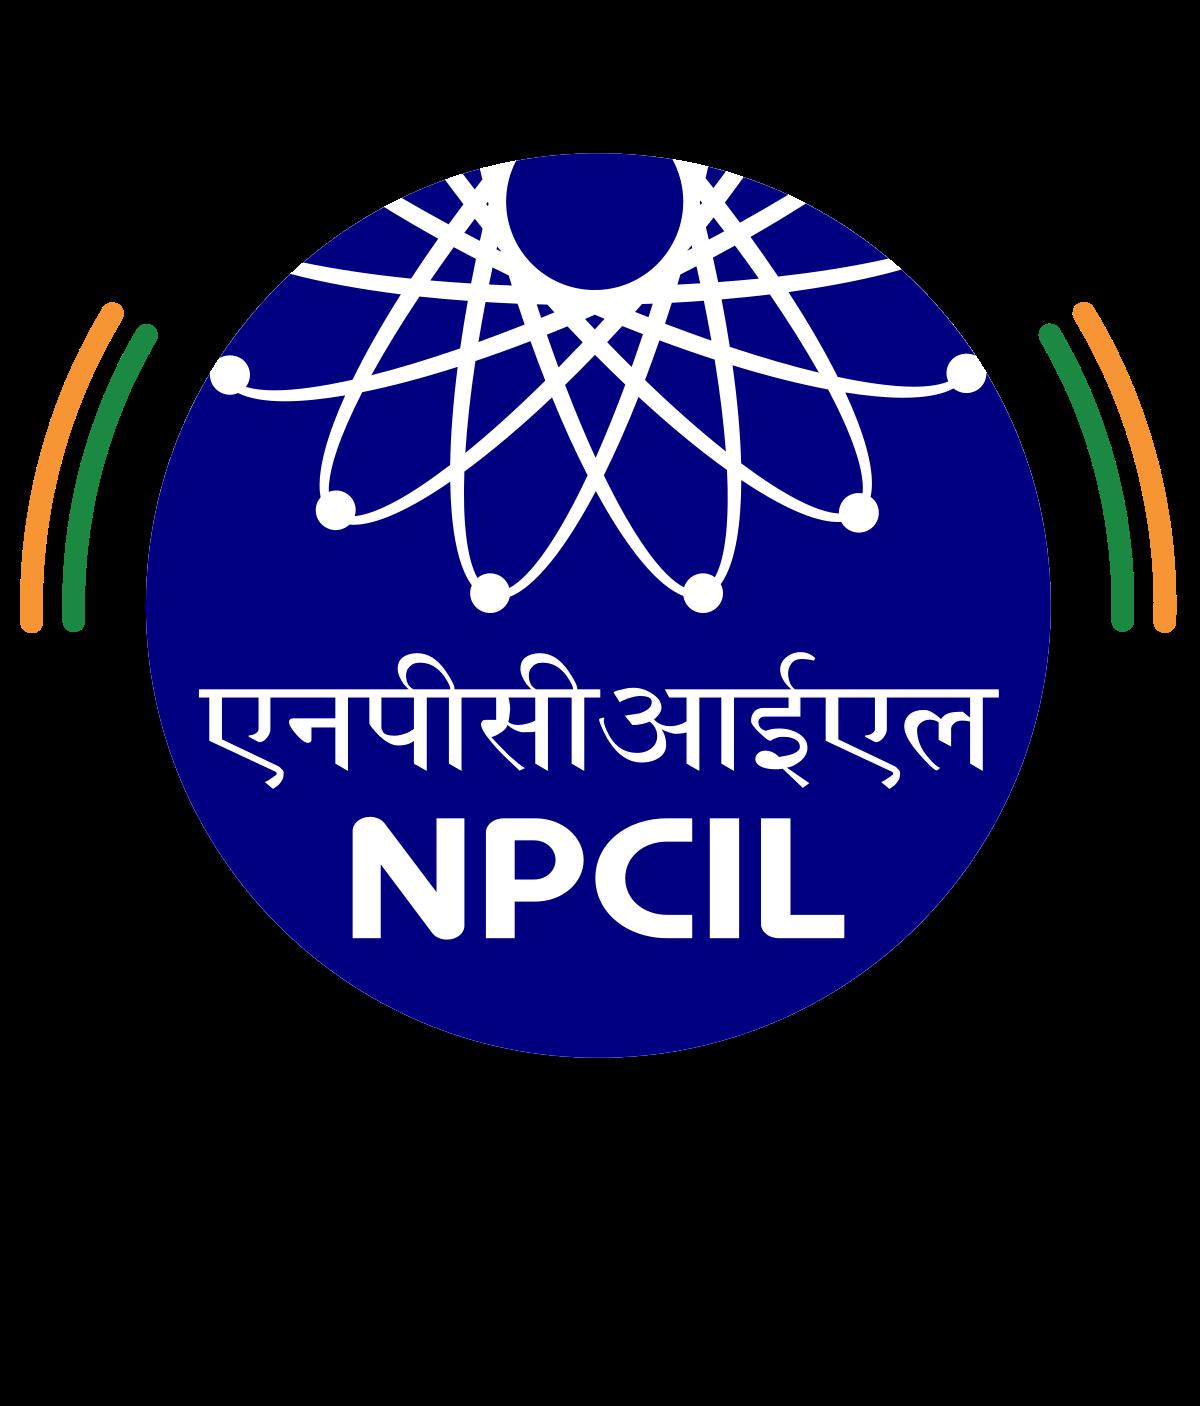 NPCIL Assistant Syllabus 2021